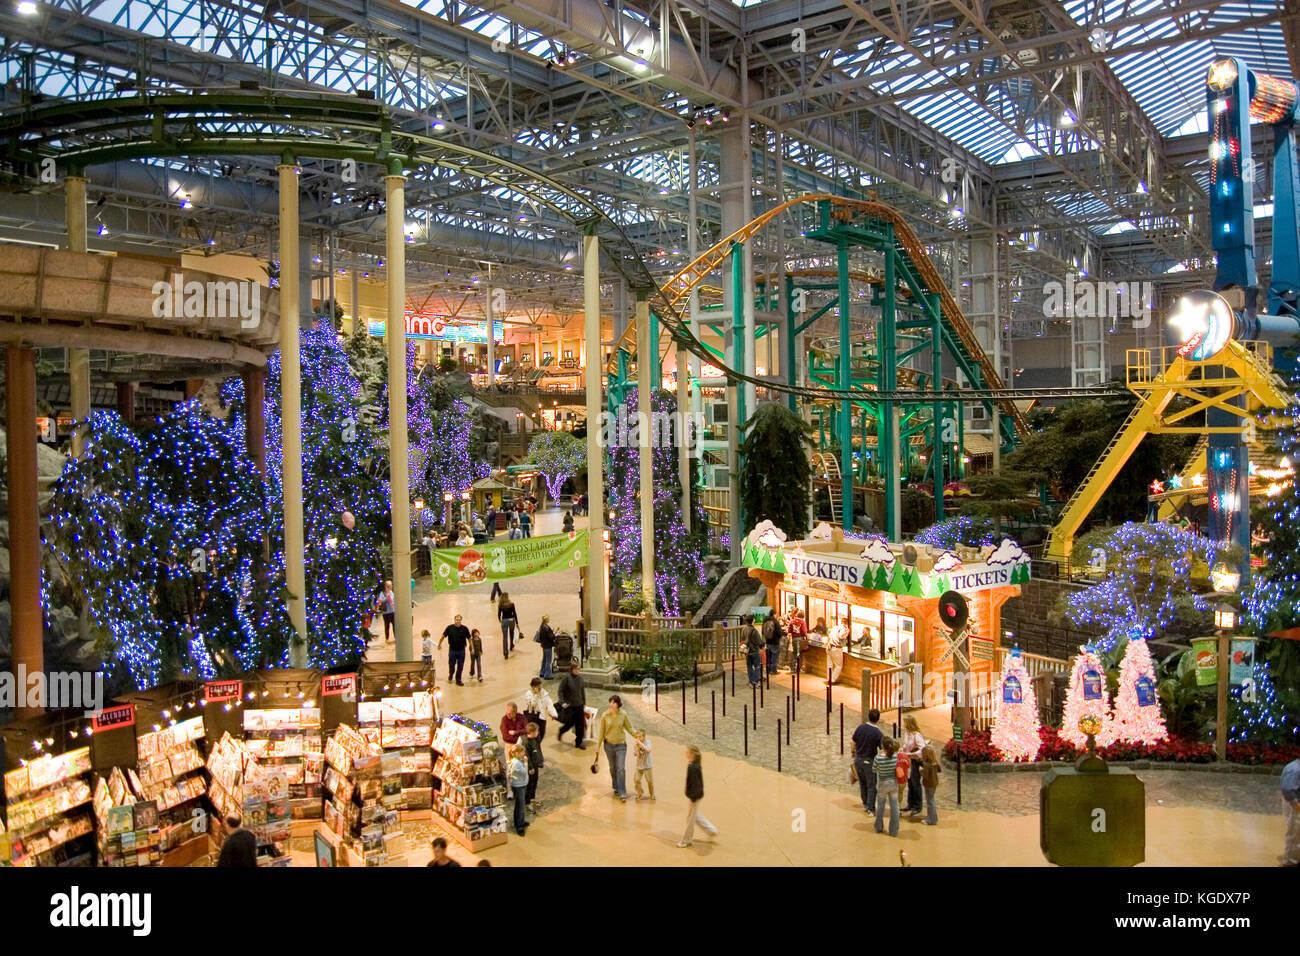 Immagini Natale Usa.Minnesota Usa Minneapolis Mtutte America Pre Shopping Di Natale